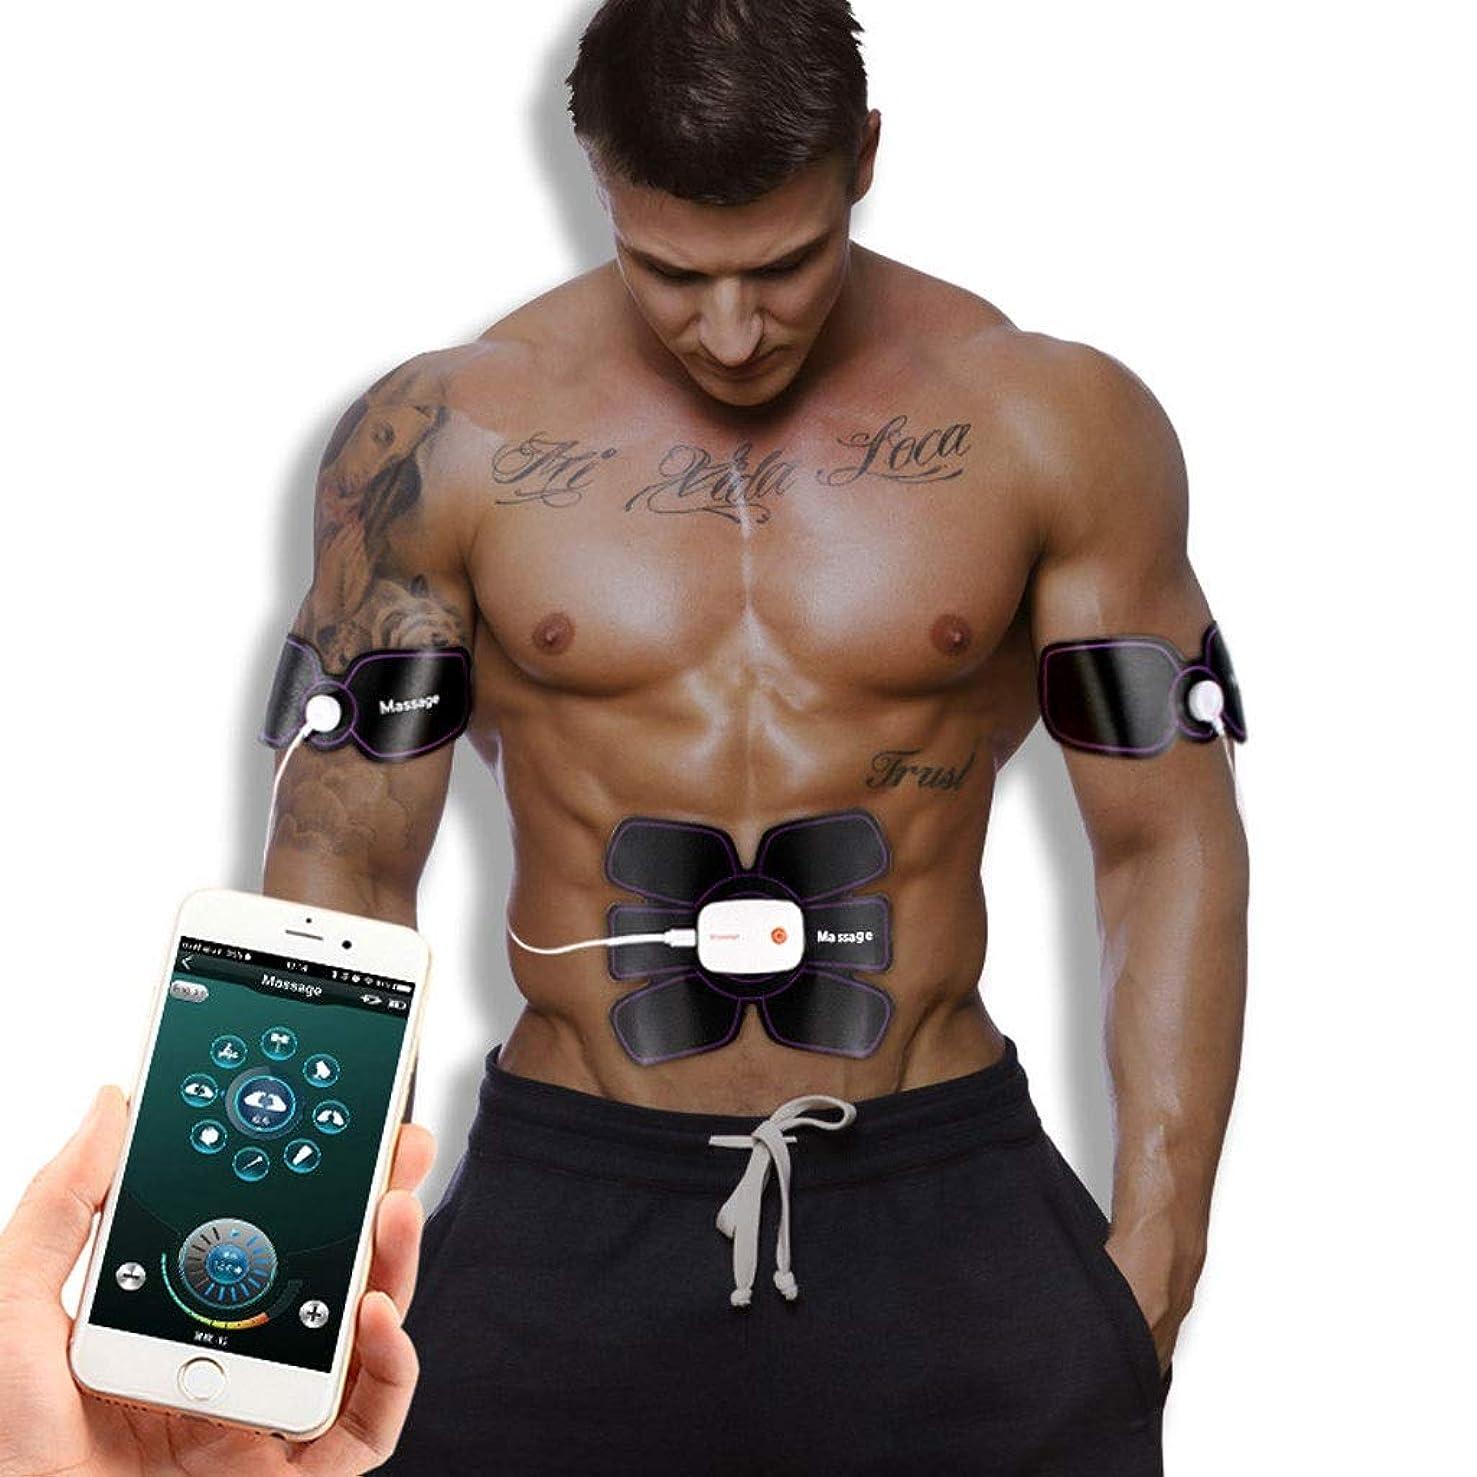 発動機希望に満ちた開発する筋肉刺激装置、EMS腹筋トレーナー腹部ベルトUSB充電式筋肉用トナー腹筋足用腹筋サポートベルト&8モード15レベル男性&女性用